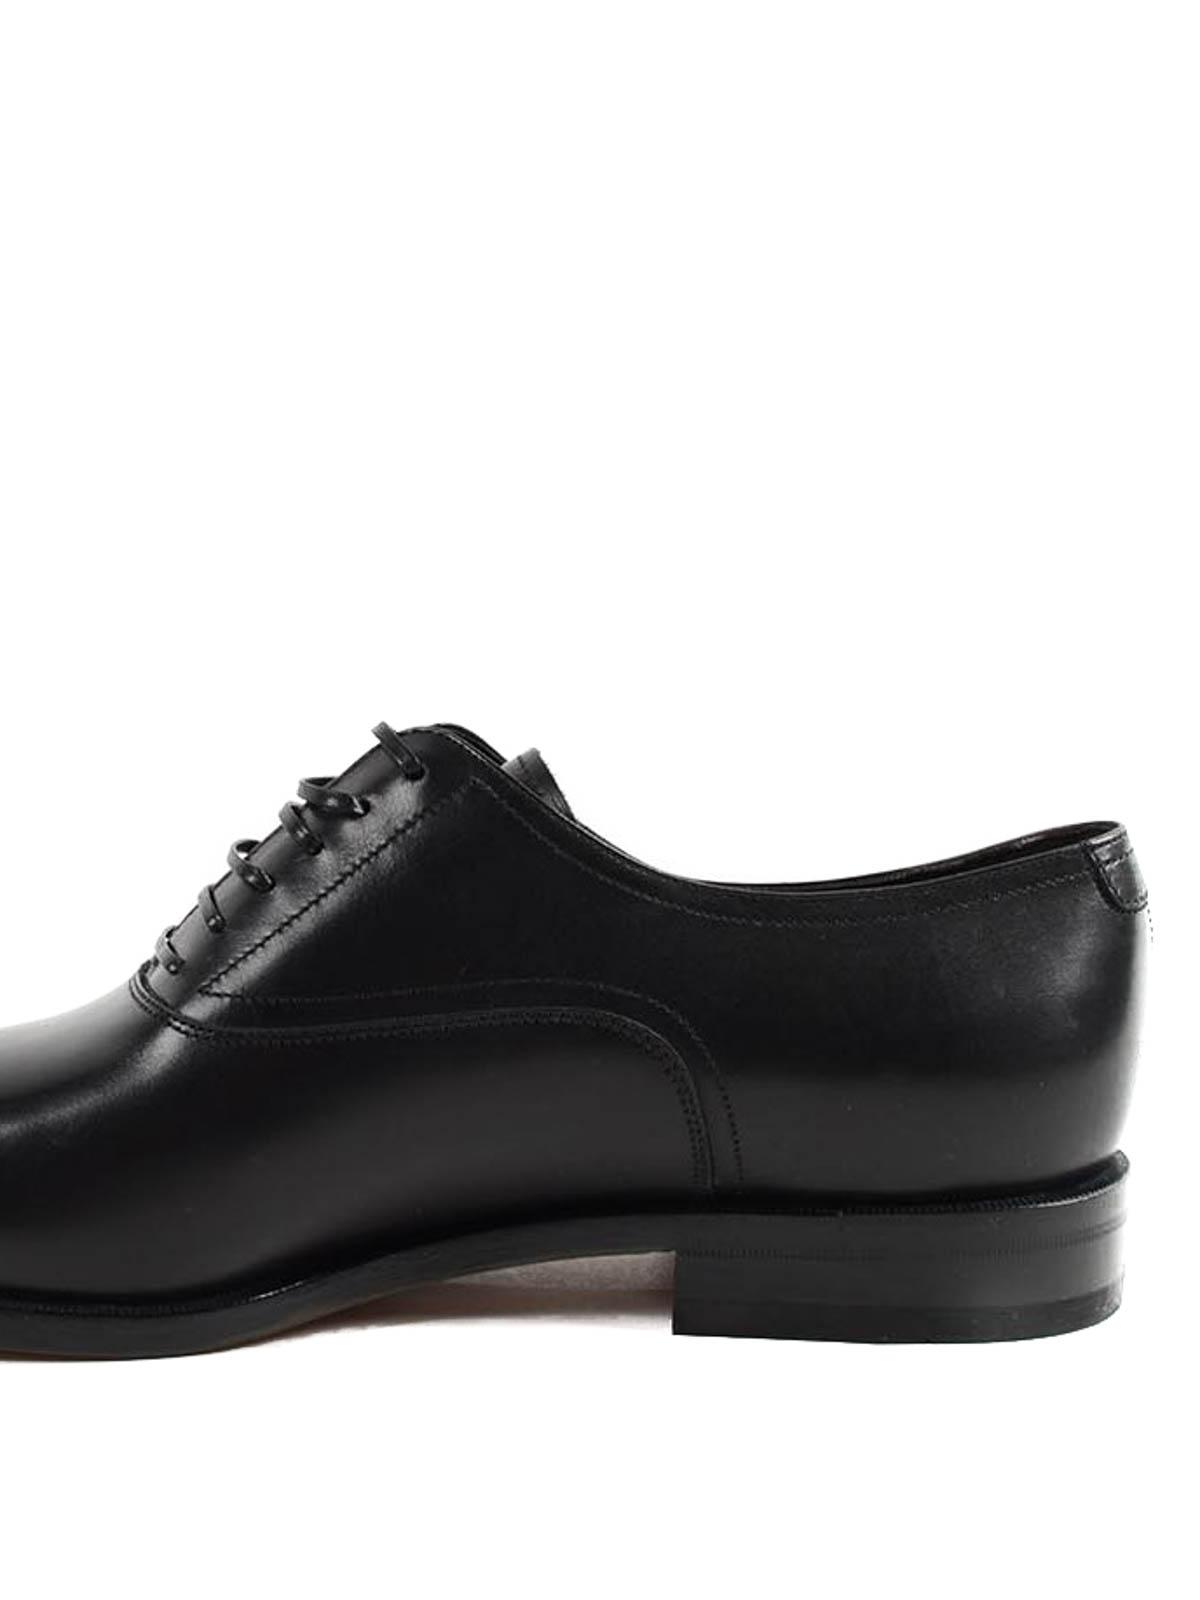 Salvatore Ferragamo - Zapatos Con Cordones Guru - Negro - Clásicos ... a3b9b08a26